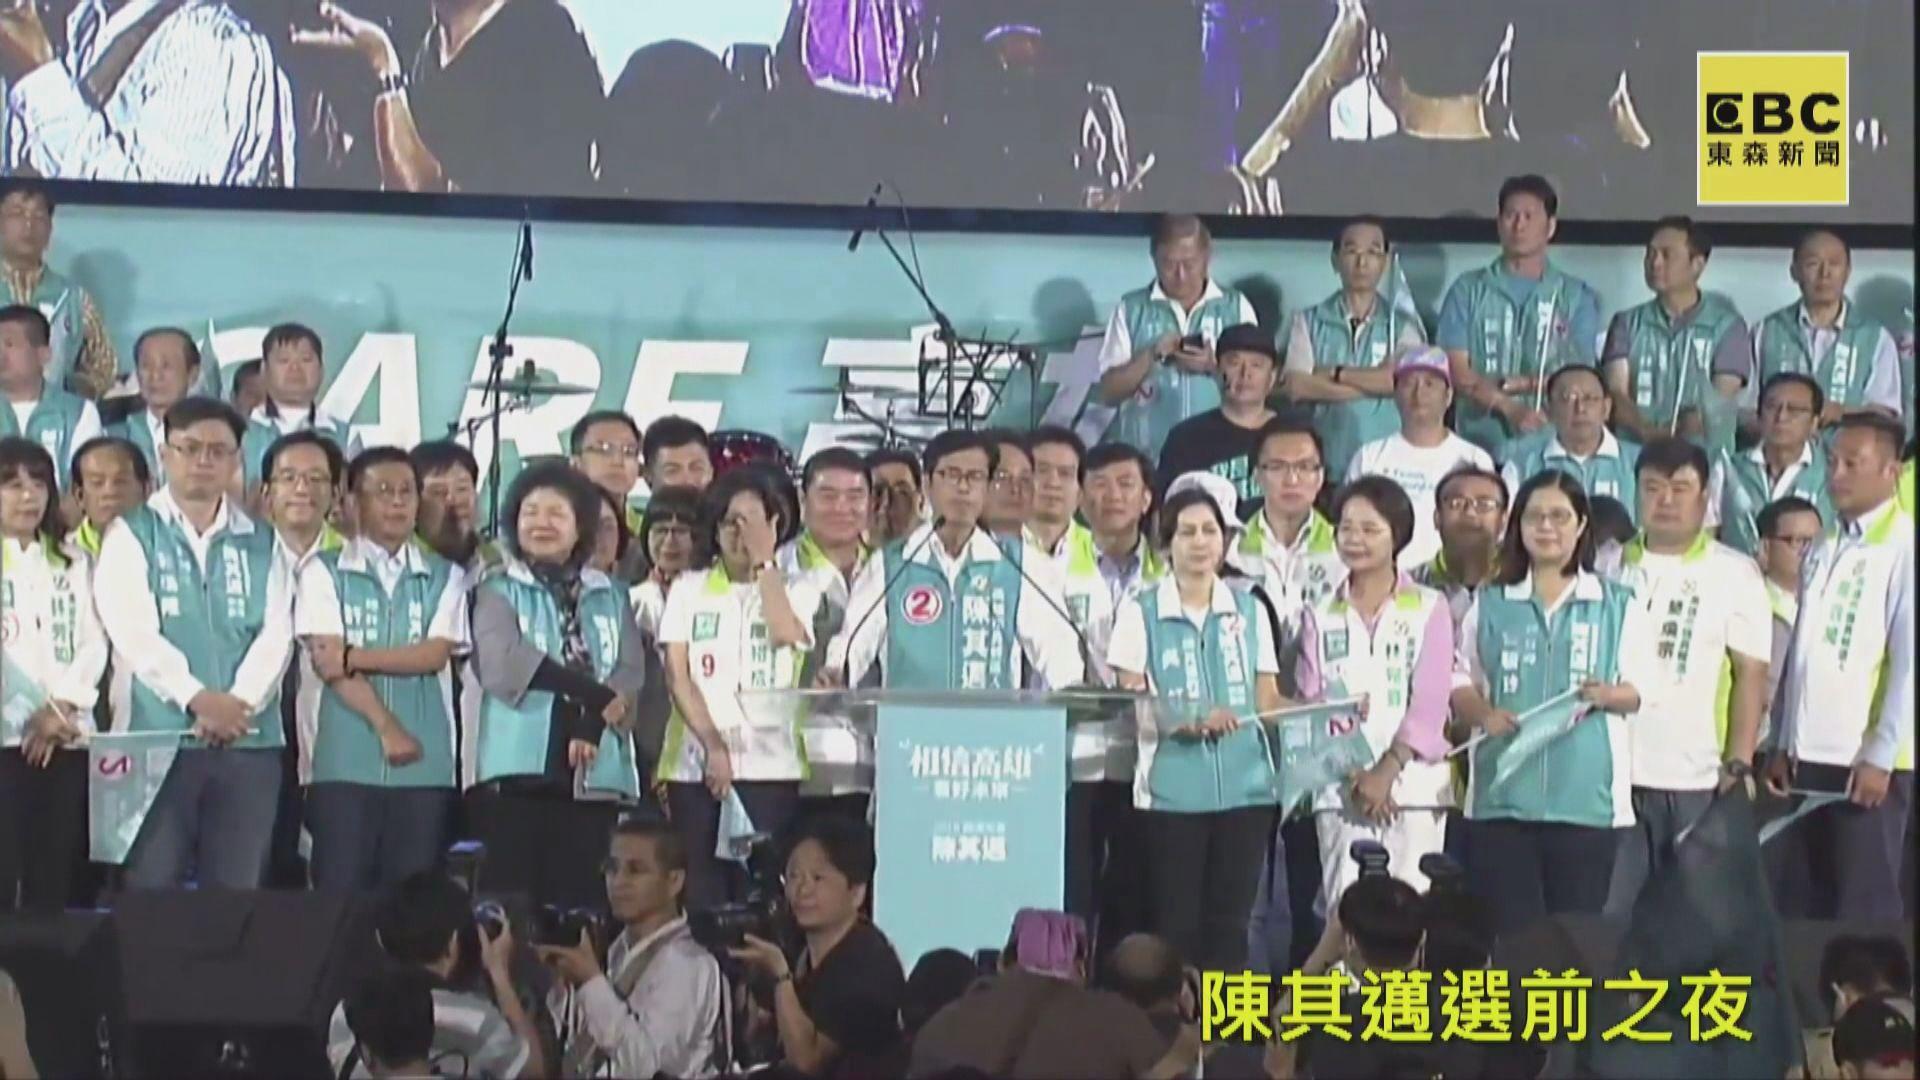 台灣九合一選舉 造勢活動已全部停止